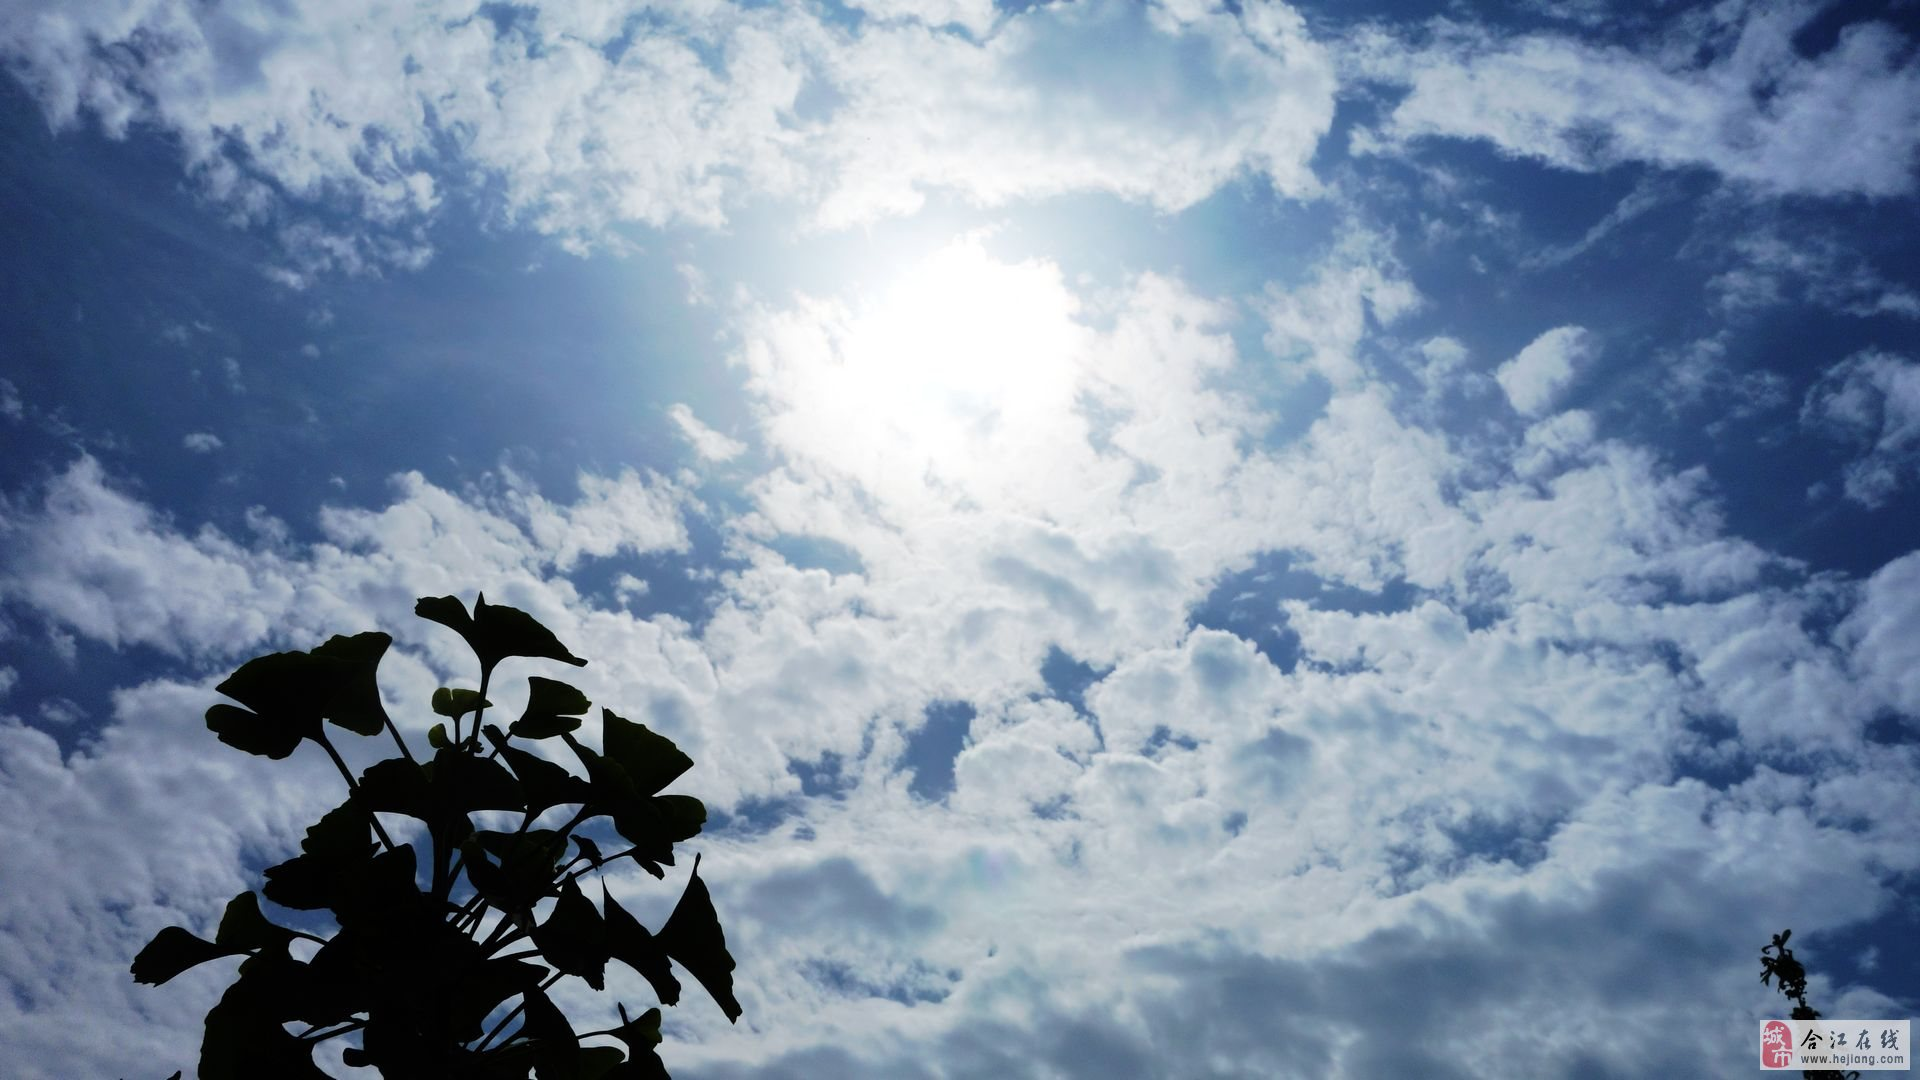 雷雨后的天空